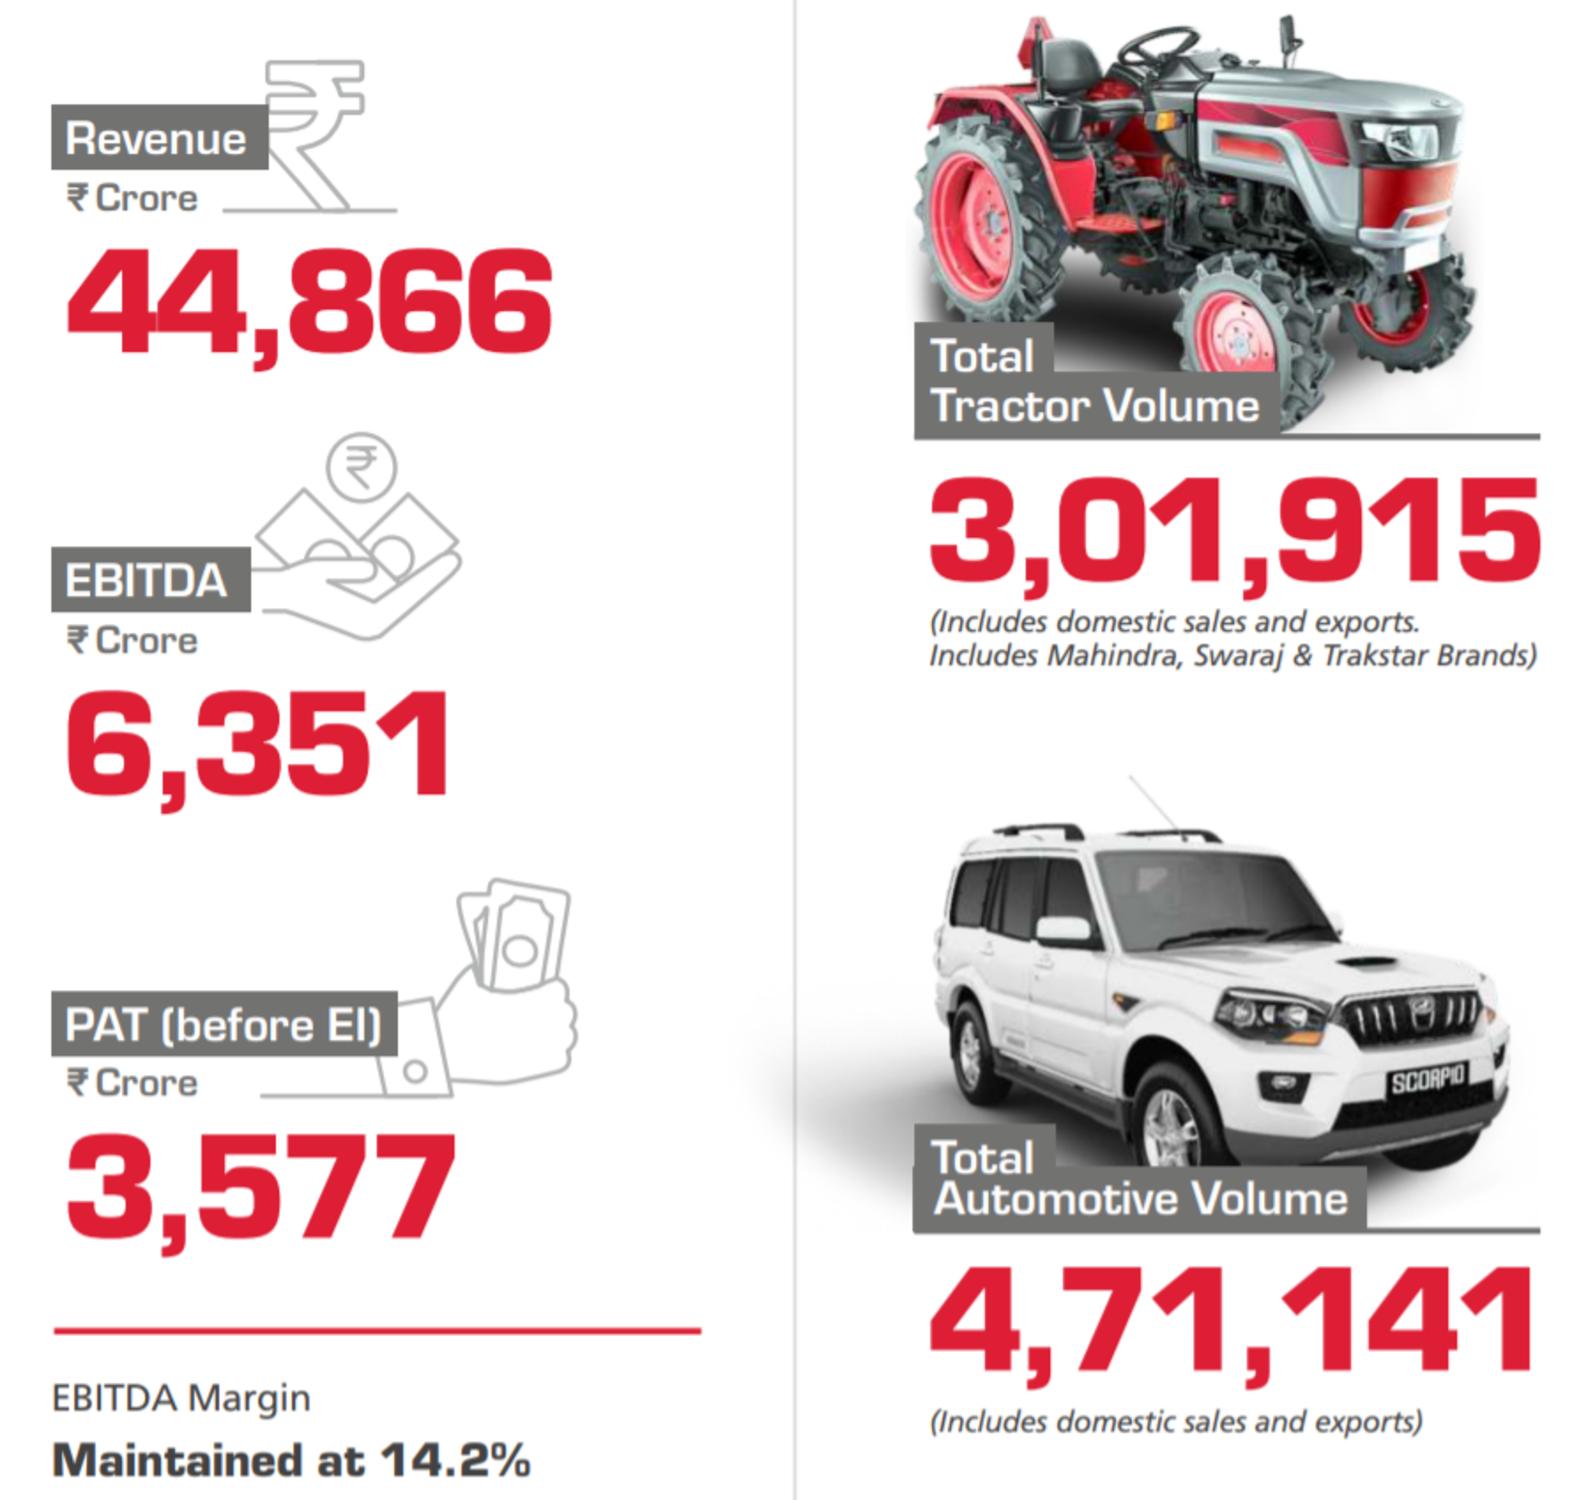 Mahindra and Mahindra Limited Financials